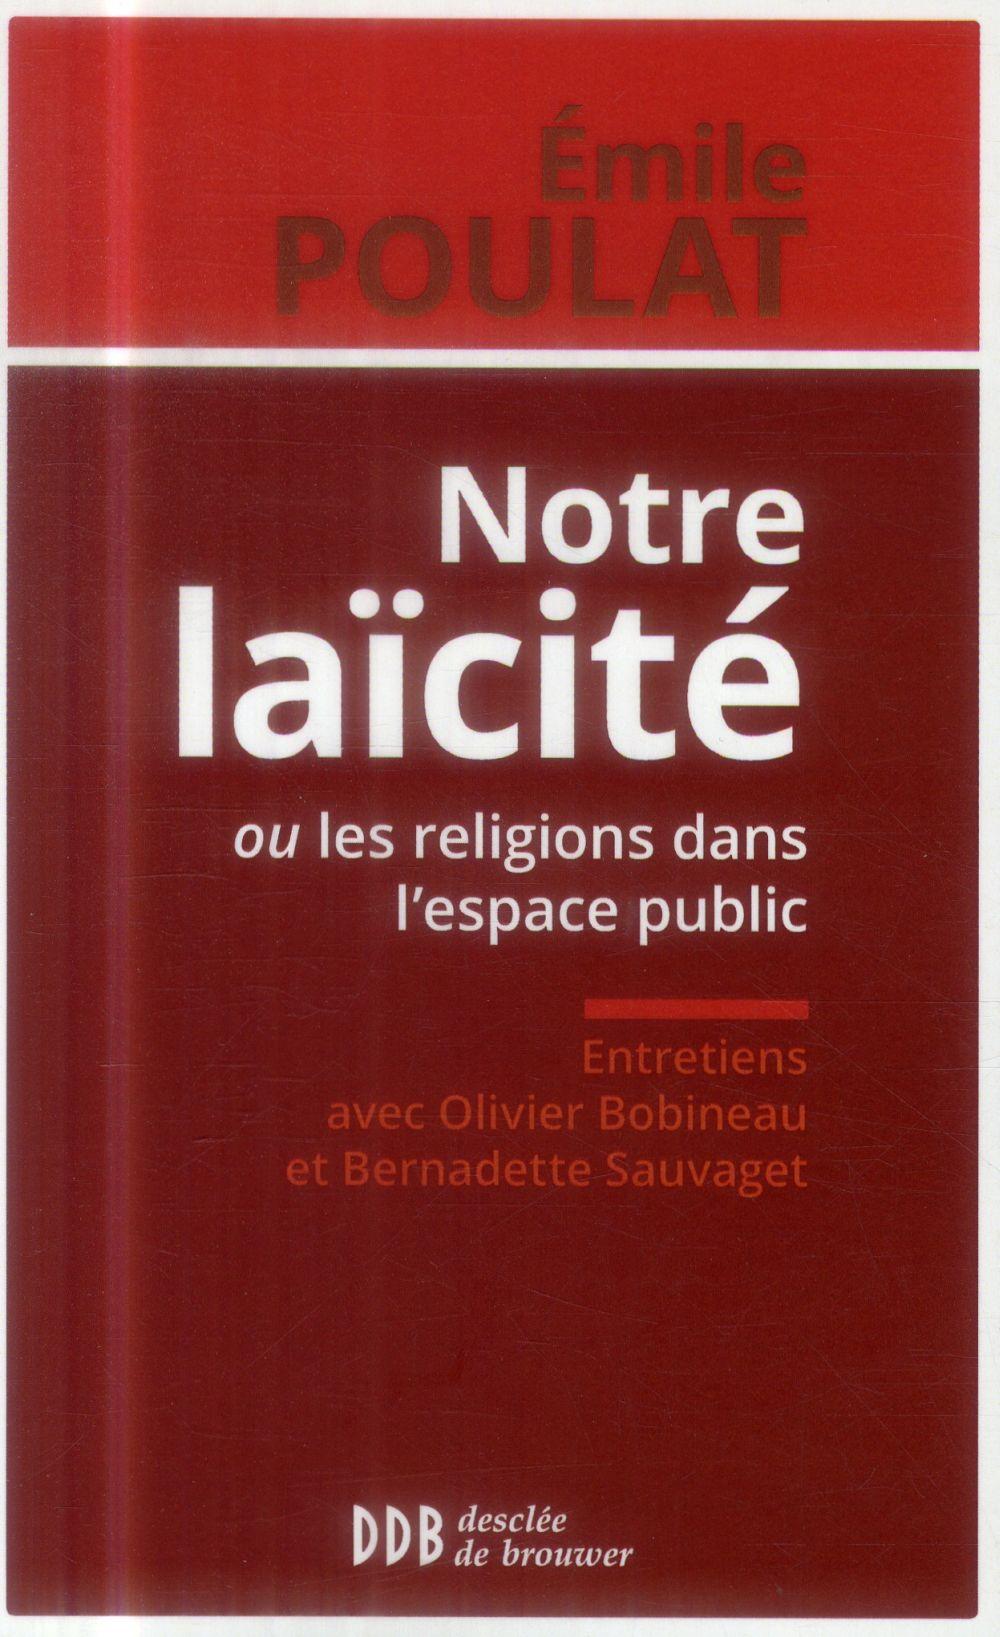 Notre laïcité ou les religions dans l'espace public